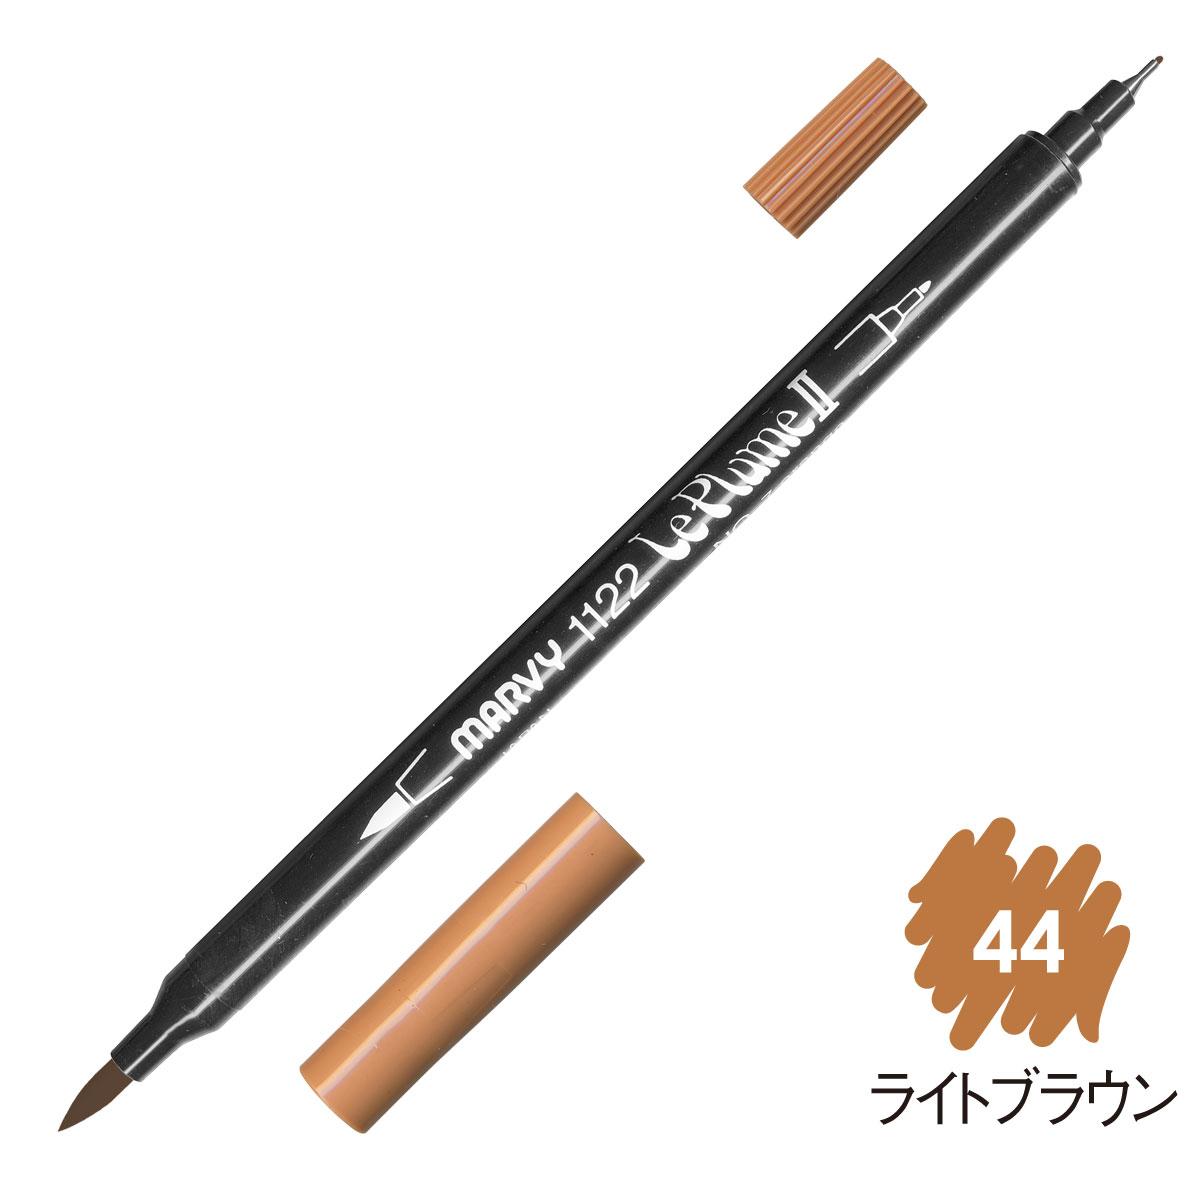 ルプルームII 単品 ライトブラウン(44)画像